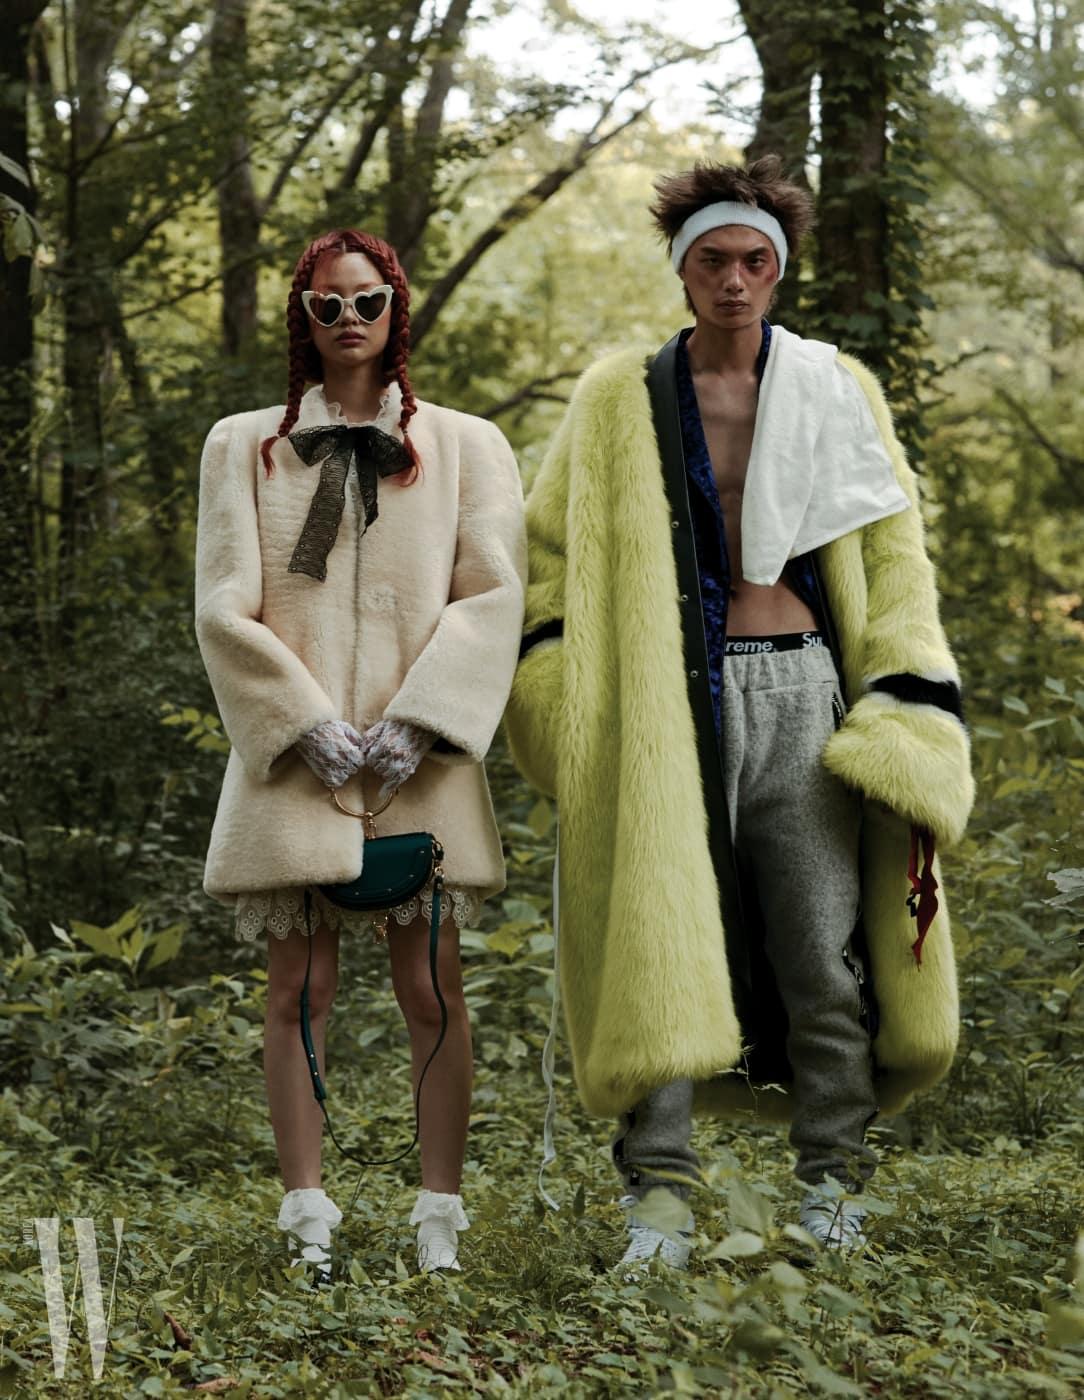 정호연이 입은 퍼 코트, 리본 장식 레이스 드레스, 가방은 모두 Chloe, 하트 모양 선글라스는 Saint Laurent 제품. 송준호가 입은 퍼 코트, 로브, 트레이닝 팬츠는 모두 Kimmy J, 스니커즈는 Kye 제품.